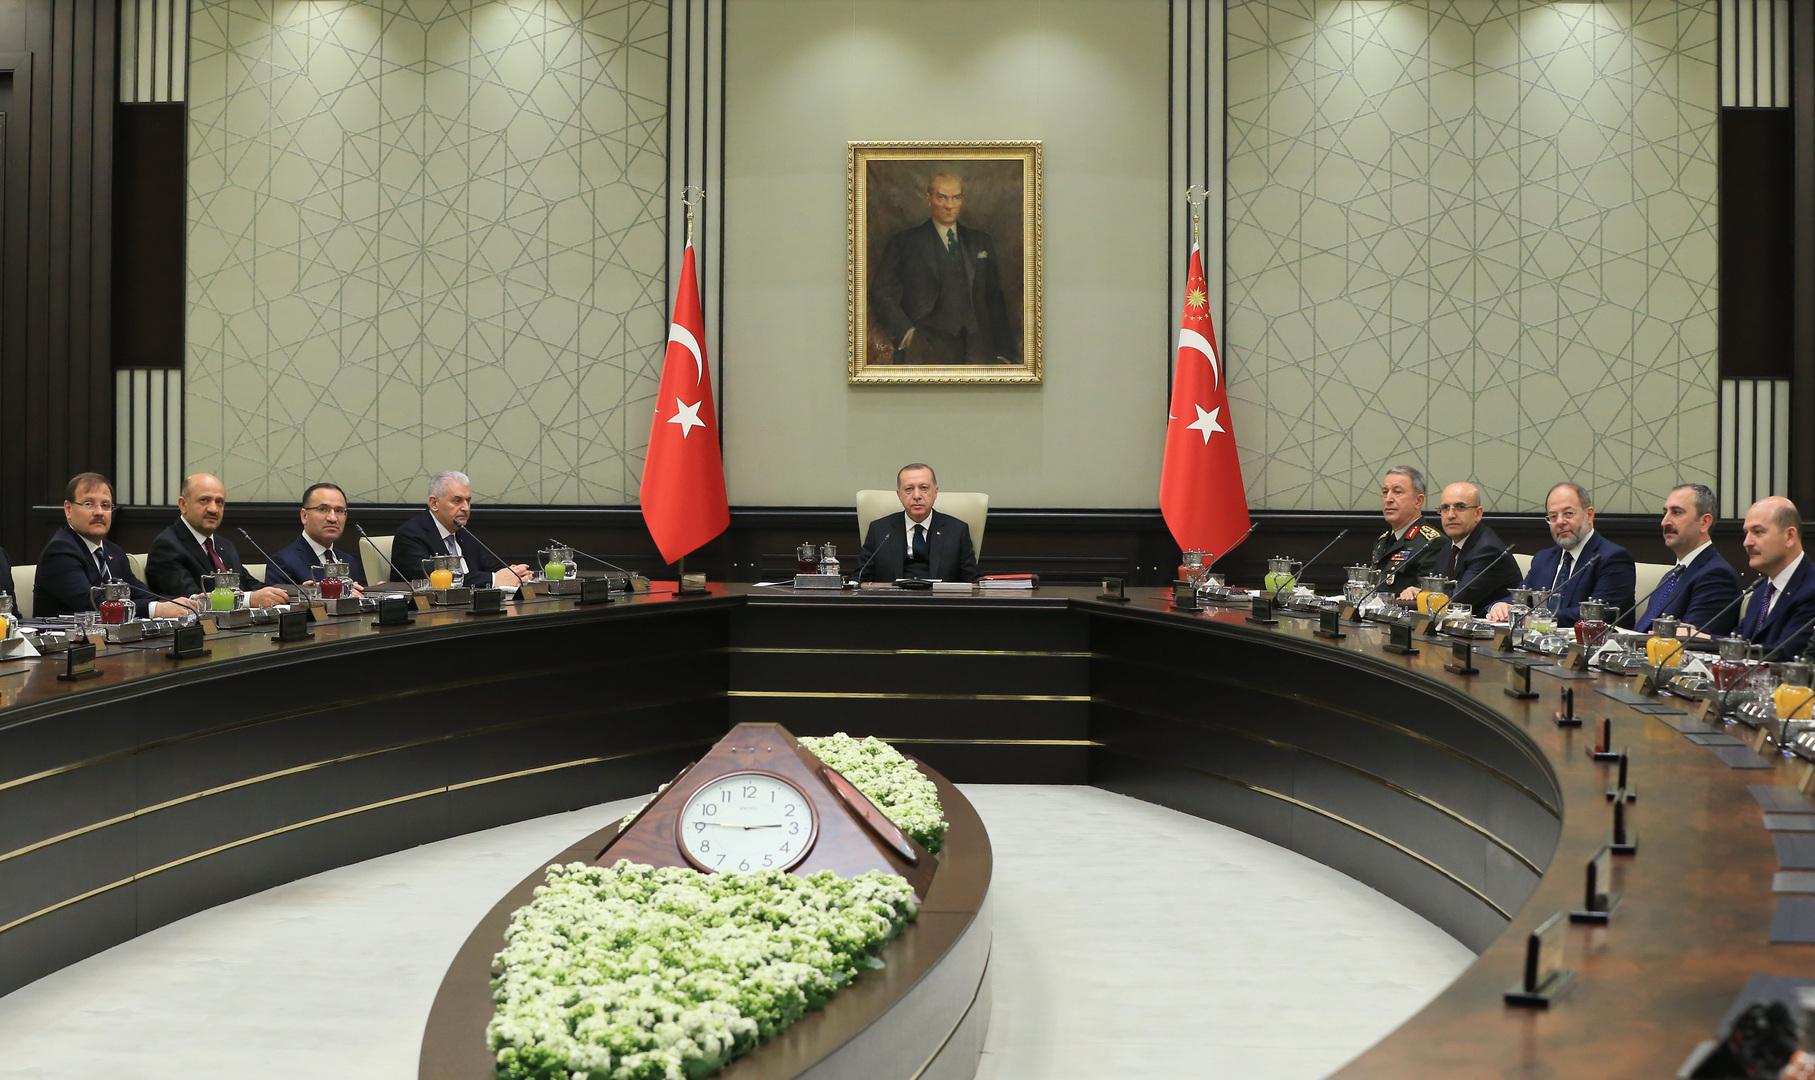 اجتماع لمجلس الأمن القومي التركي برئاسة رجب طيب أردوغان (صورة من الأرشيف)